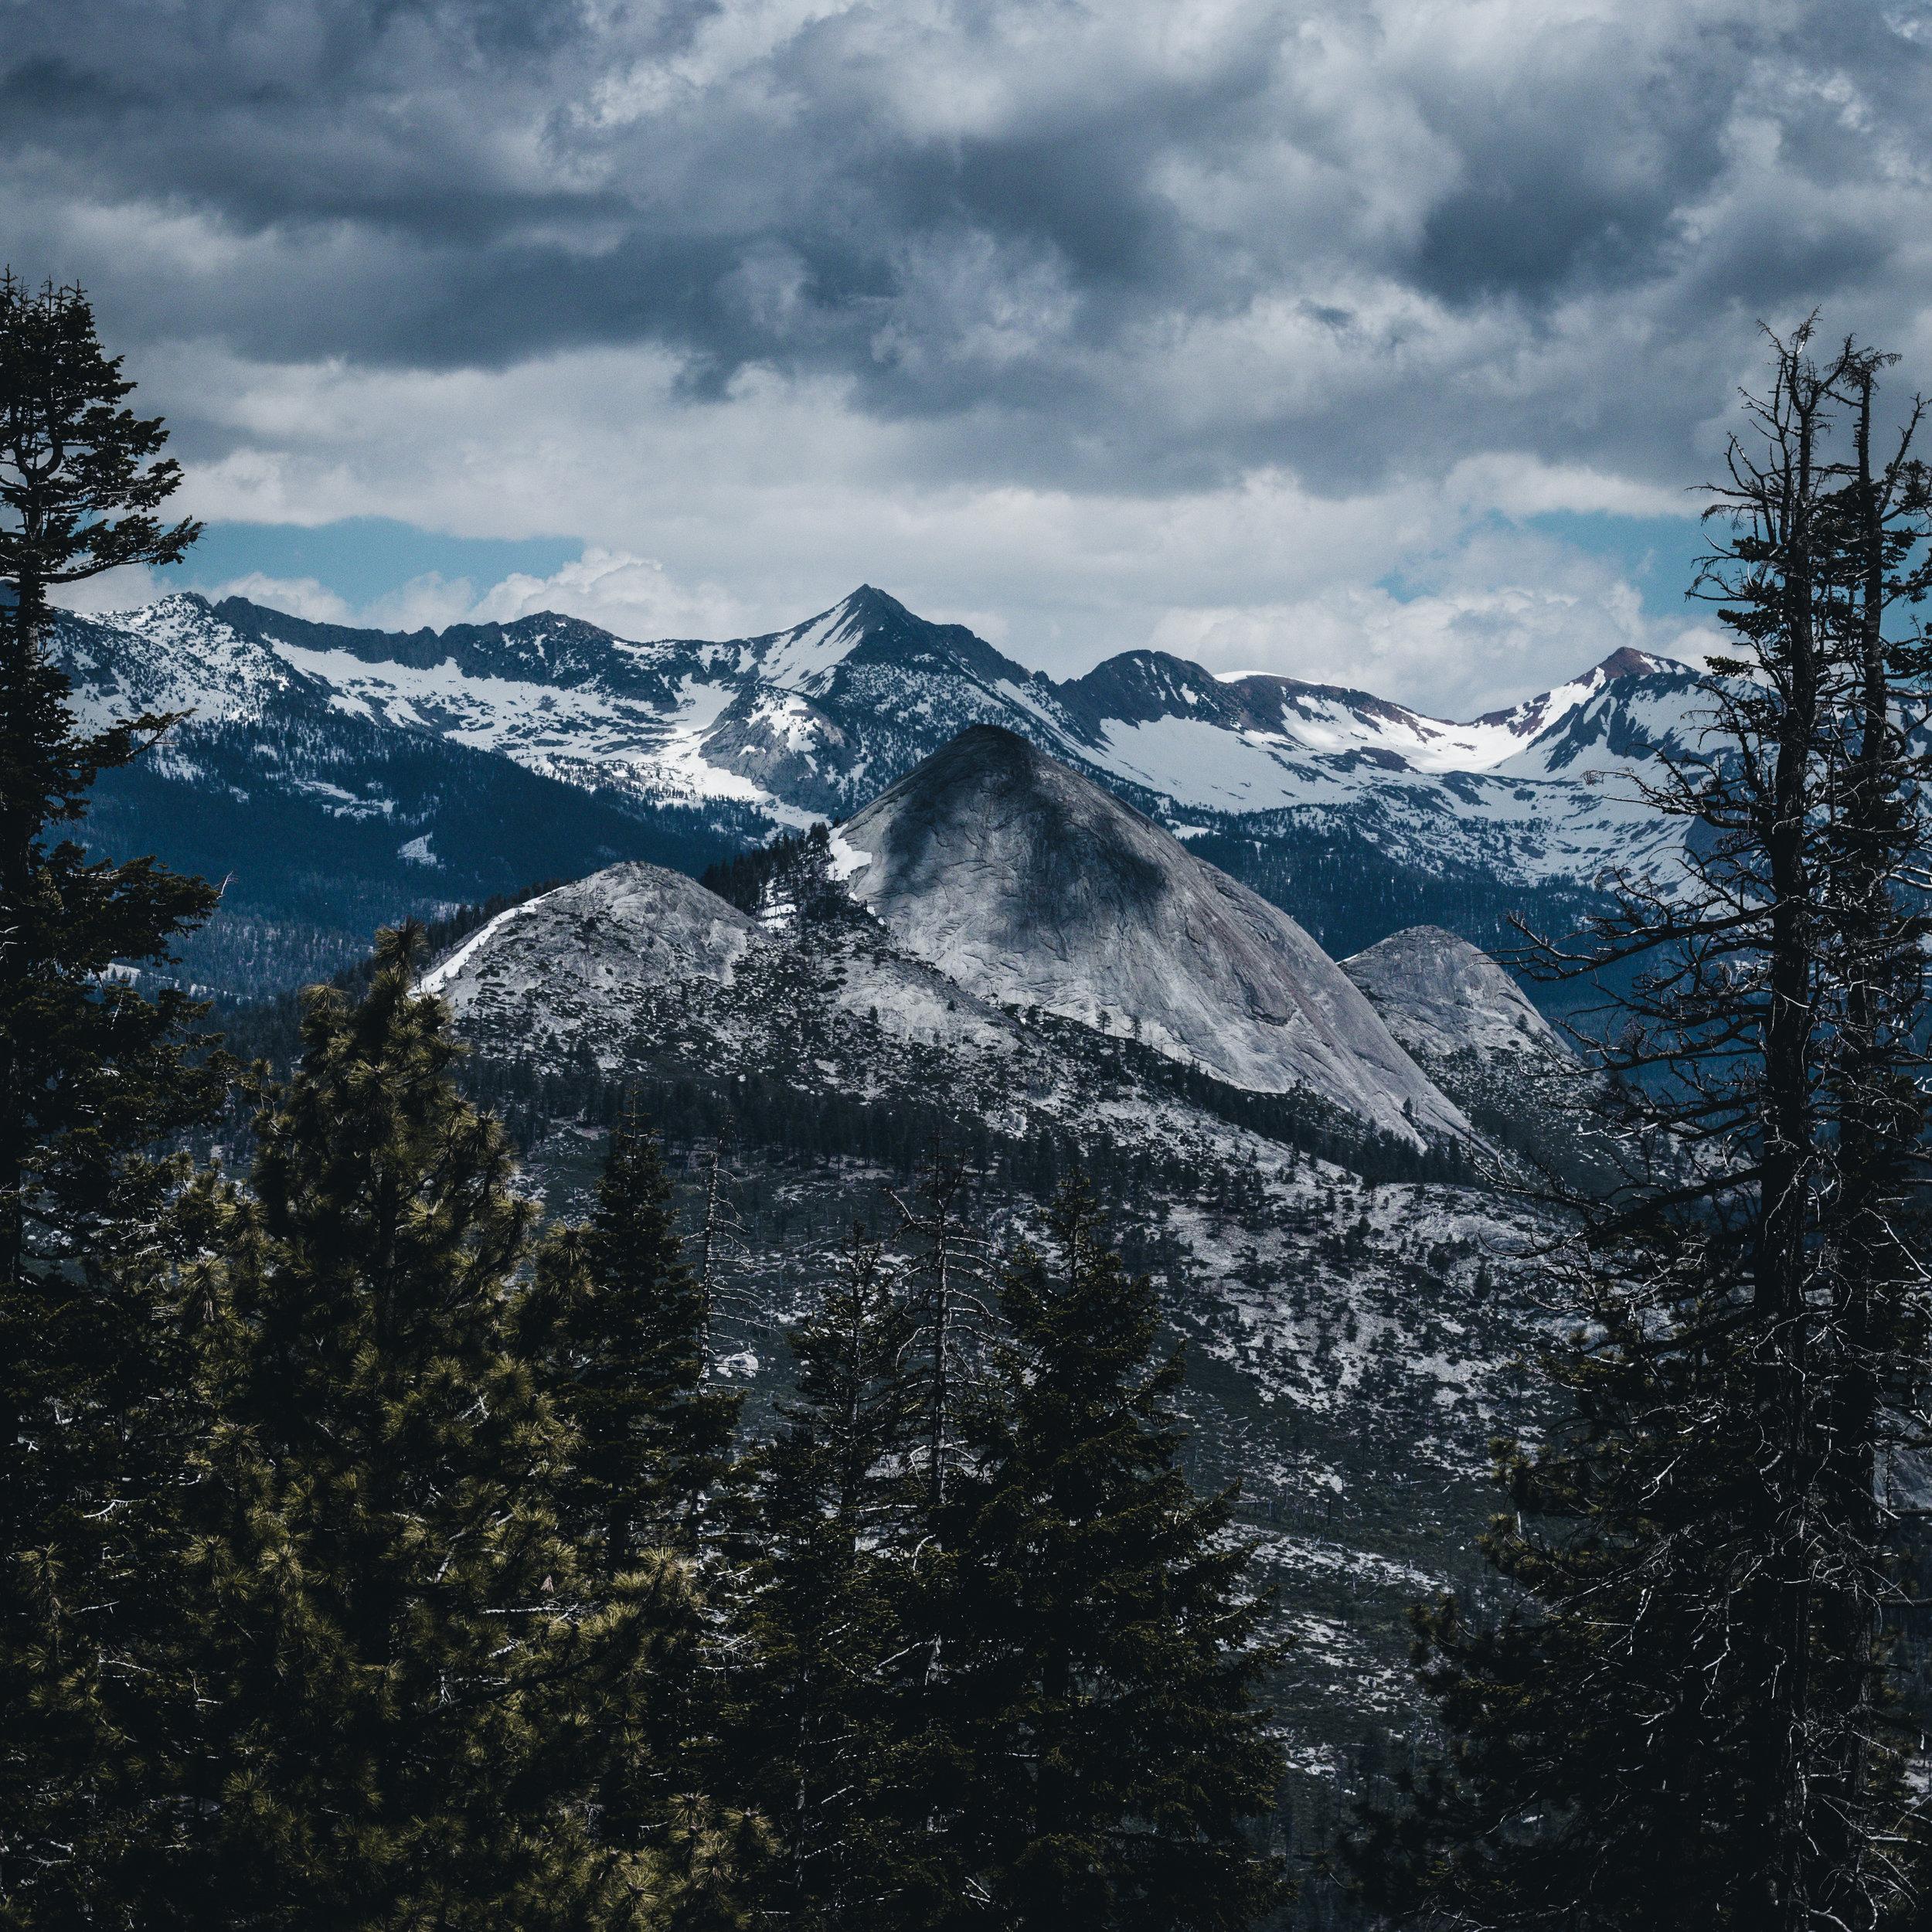 Mountains Yosemite - Herschl 3.jpg